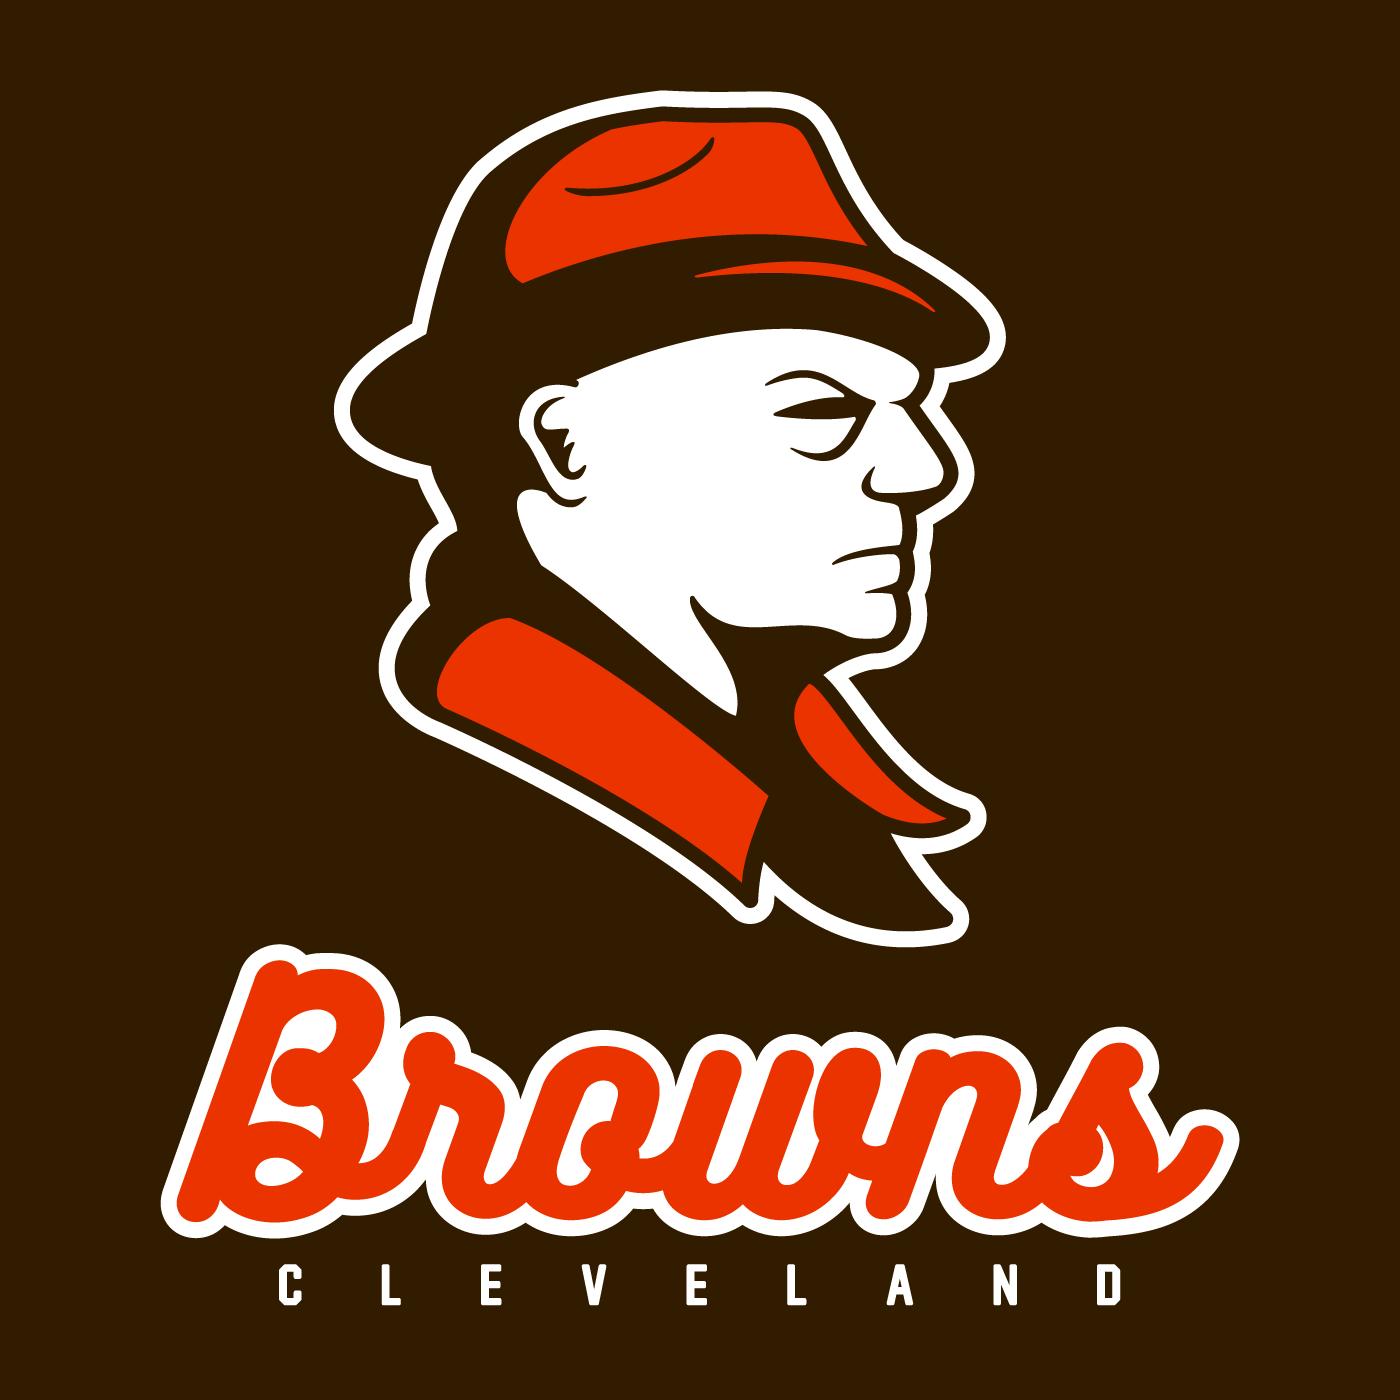 ClevelandBrowns-Brown.png.d943cb8ef2d36a